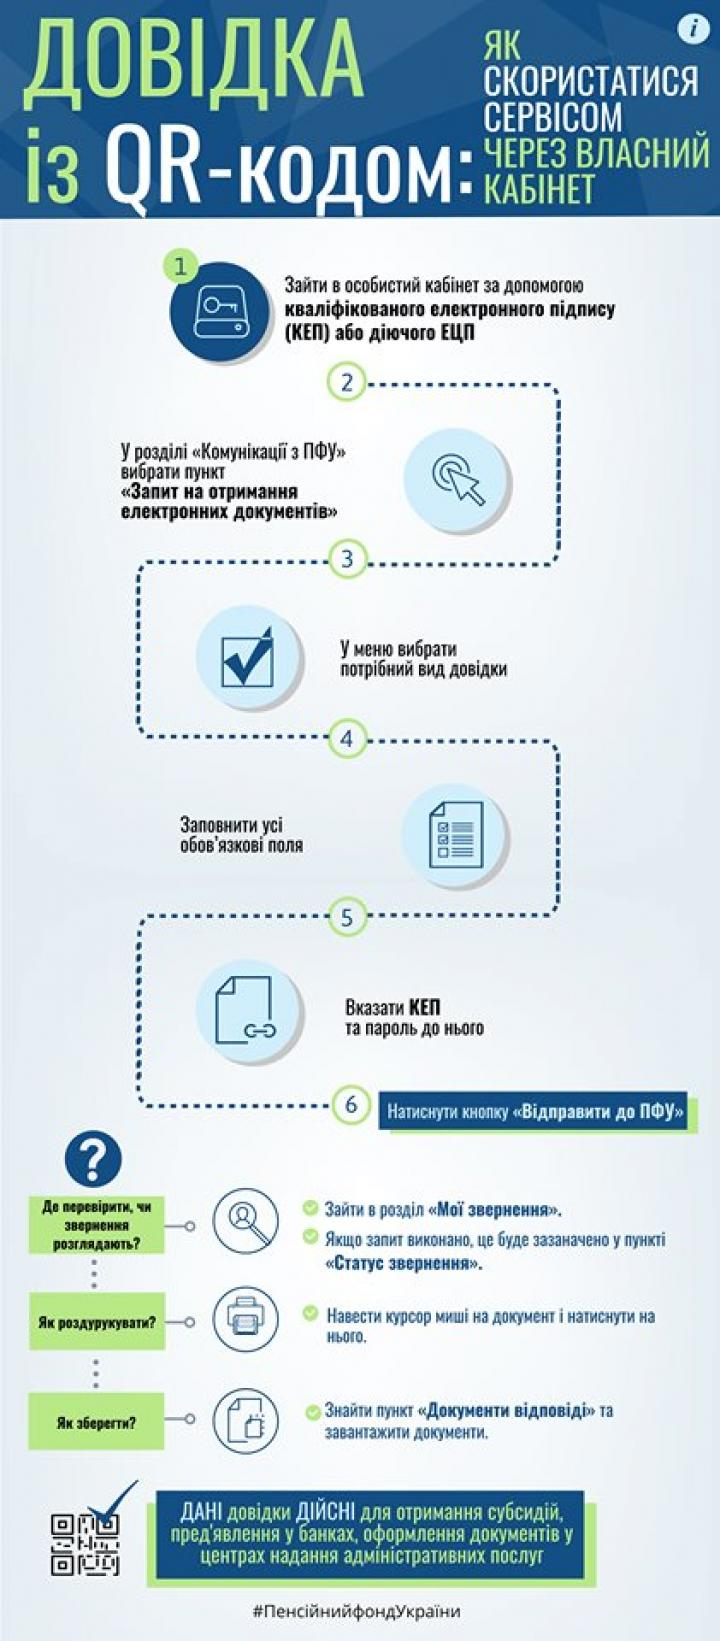 Пенсионный фонд упростил процедуру получения справок (инфографика)